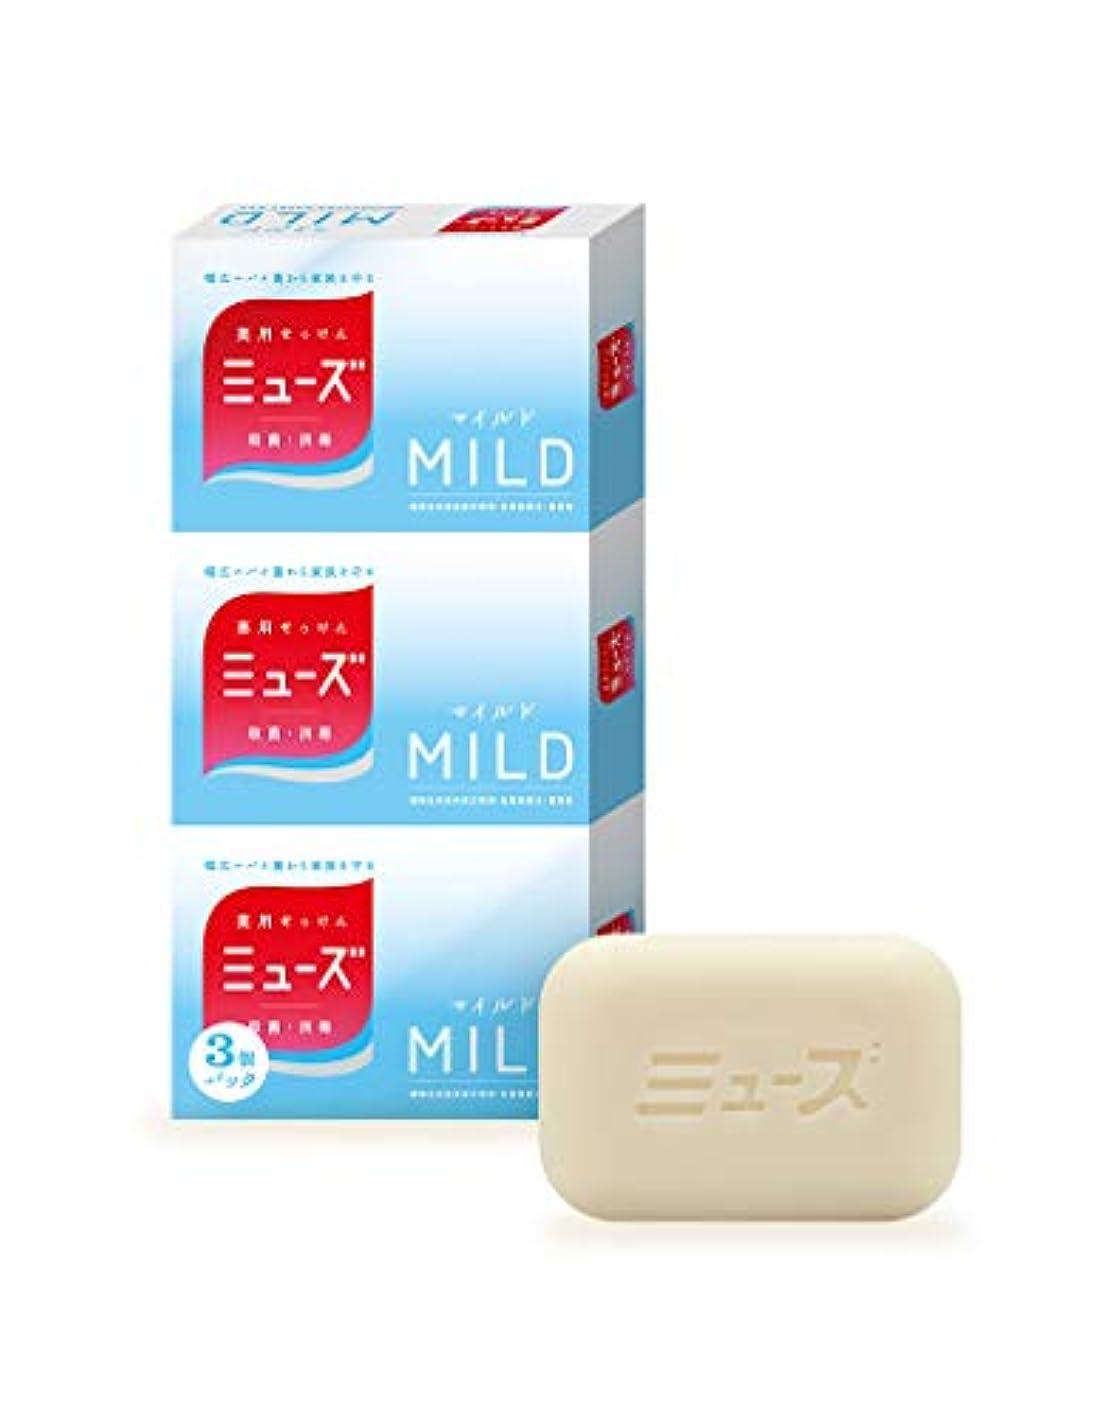 刻むカプラー可塑性薬用せっけんミューズ 固形 石鹸 マイルド (95g×3個パック) お徳用 殺菌 消毒 手洗い 低刺激 植物由来洗浄成分配合